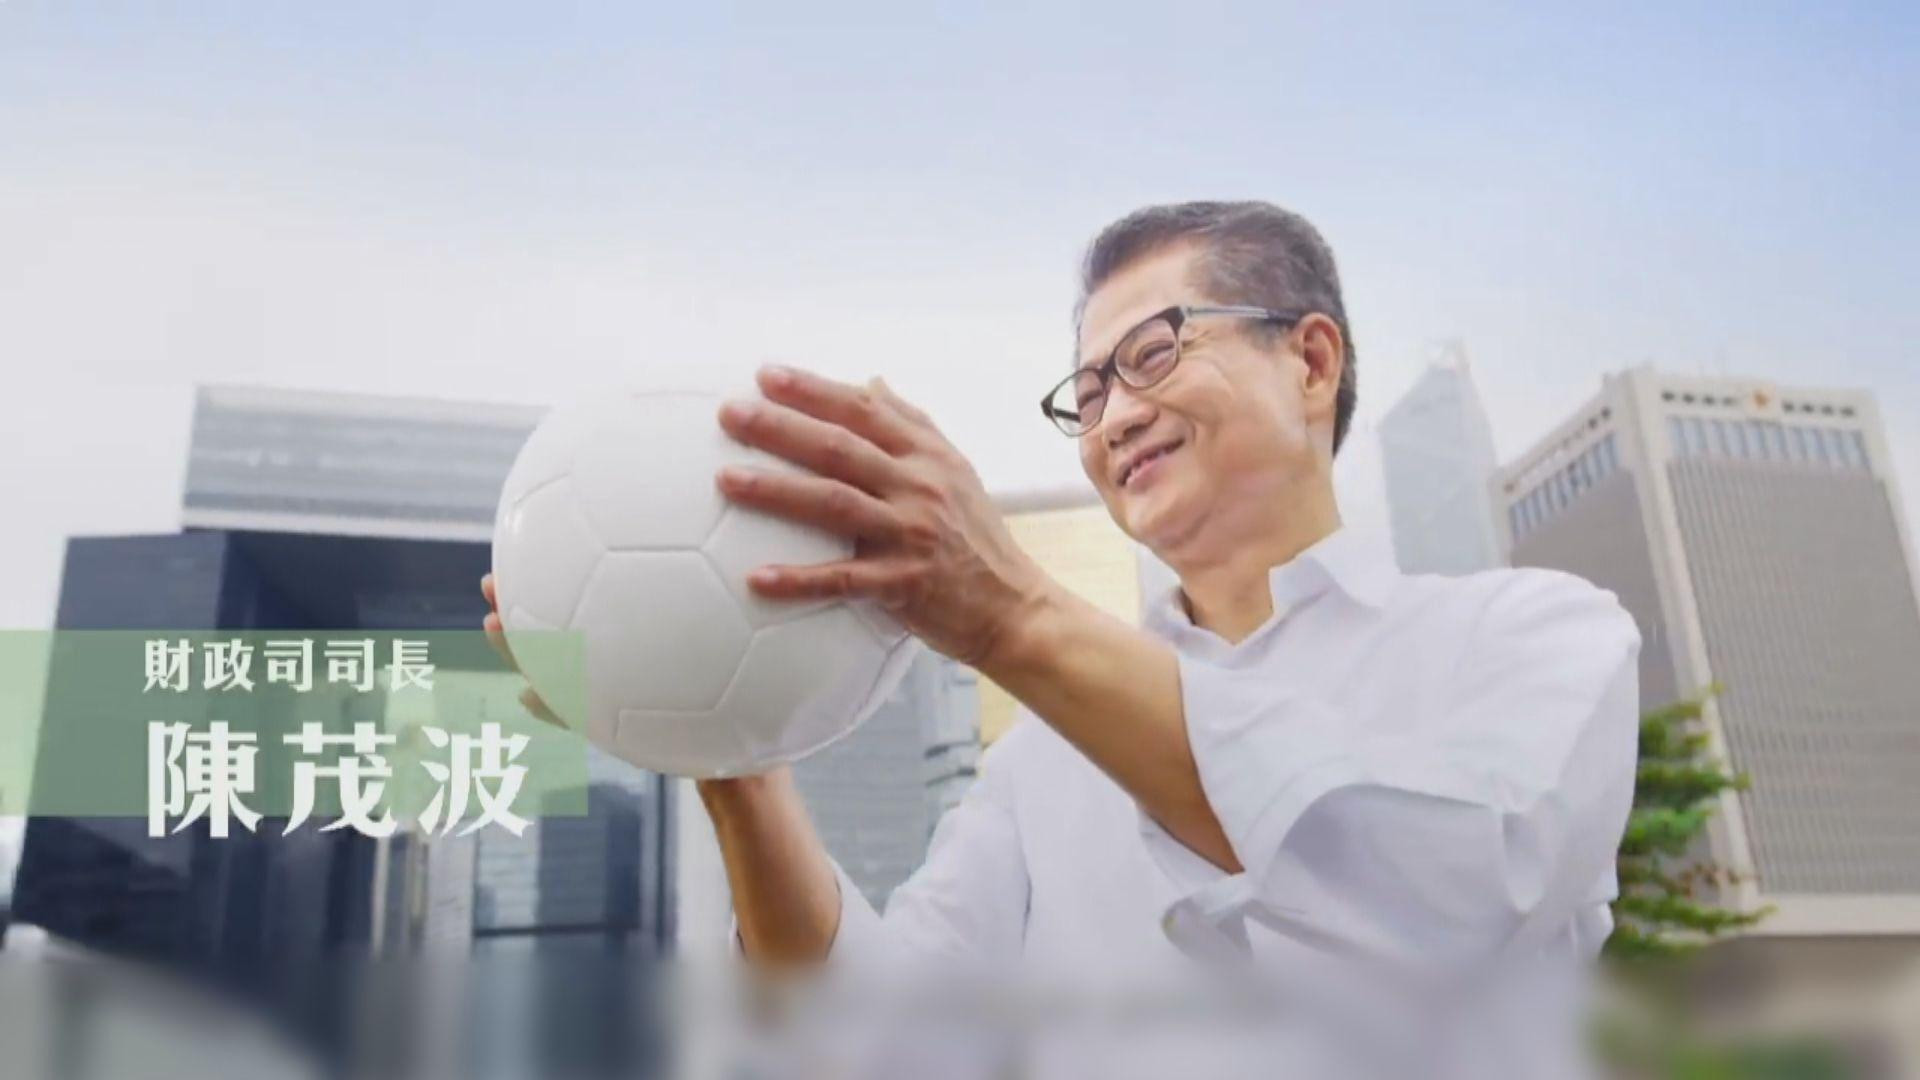 陳茂波指已開始下年度預算案諮詢